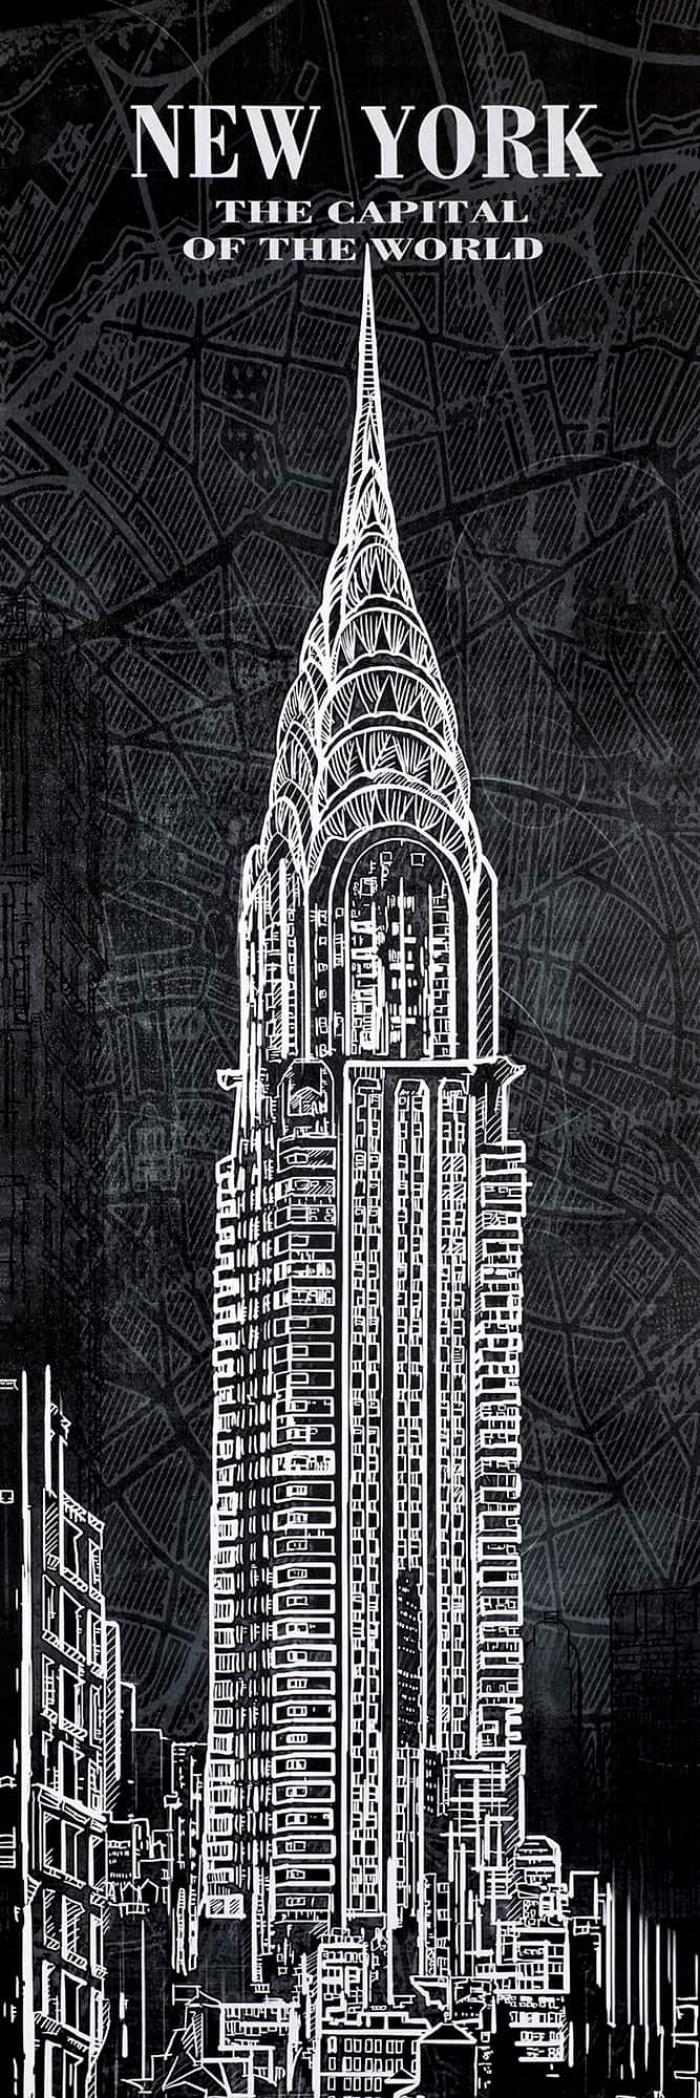 Esquisse de la tour chrystler sur fond de carte